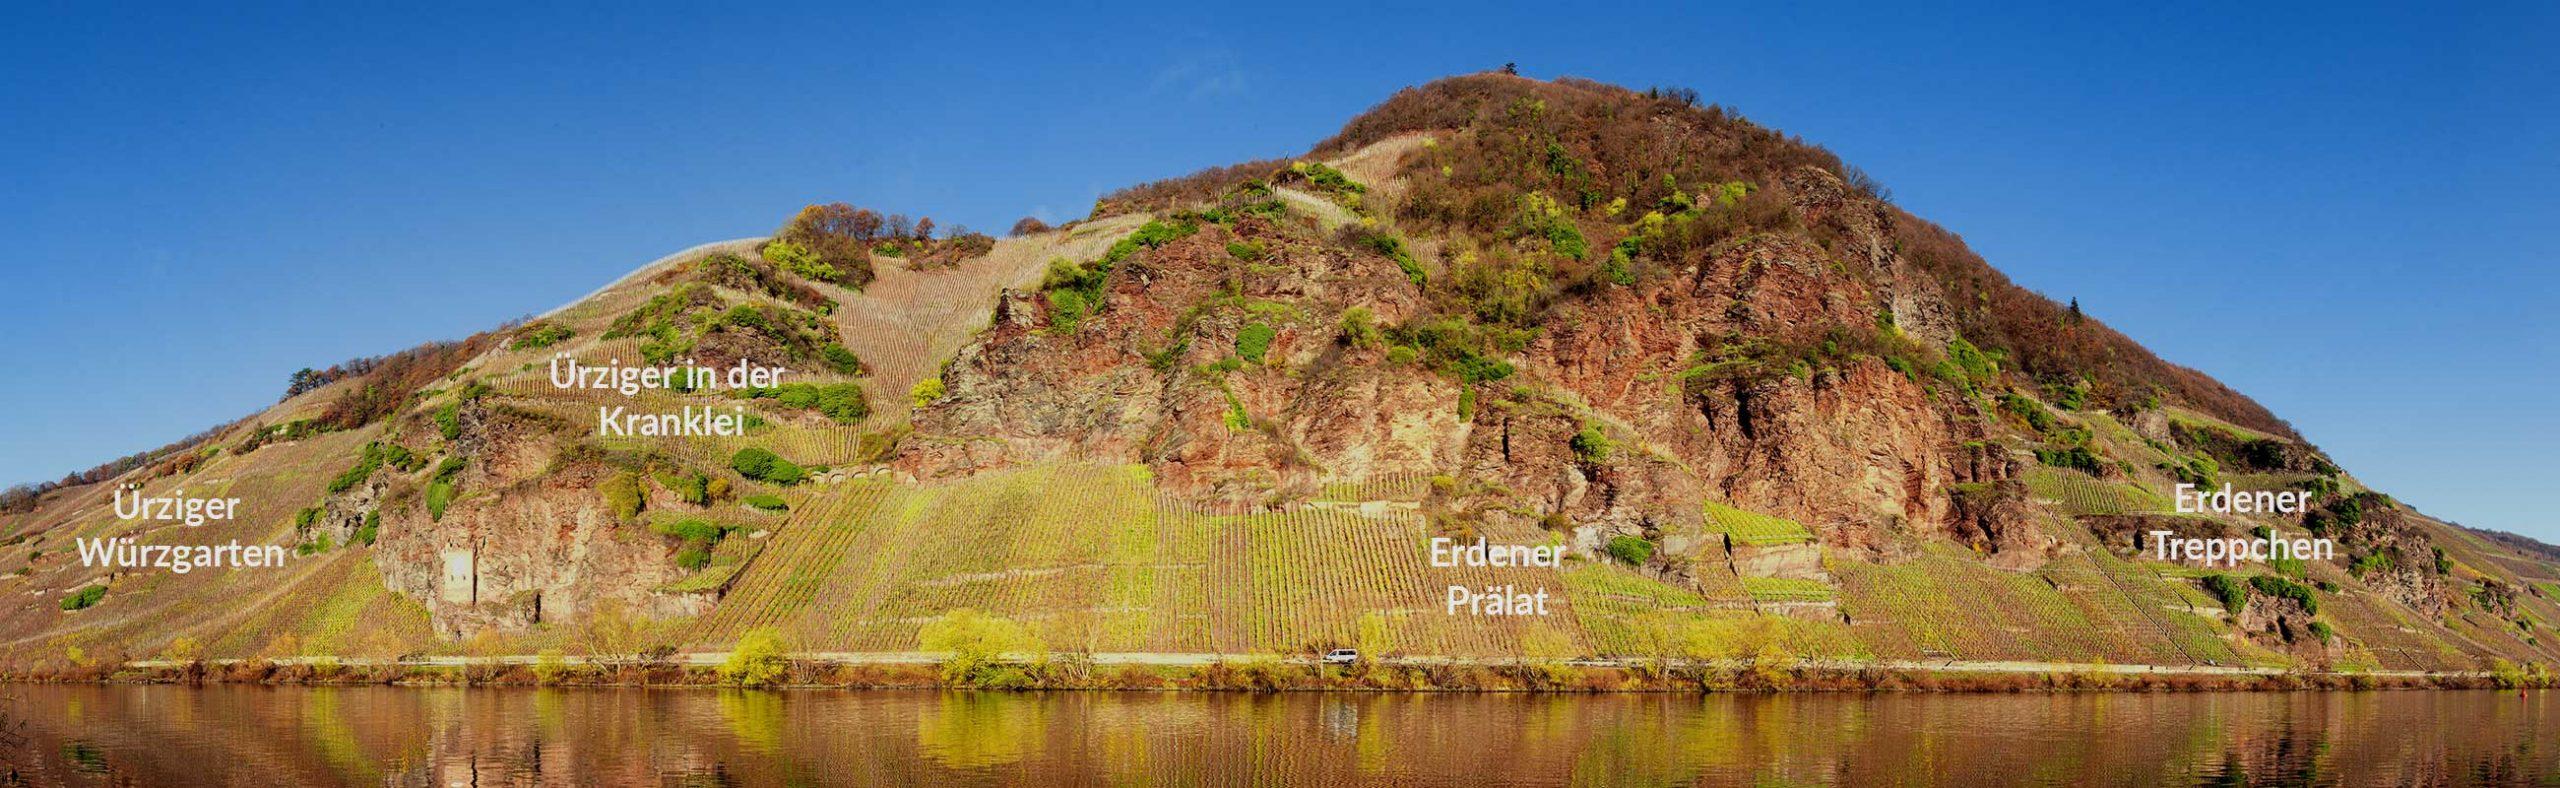 Panorama_der_Weinlagen_zwischen_Ürzig_und_Erden